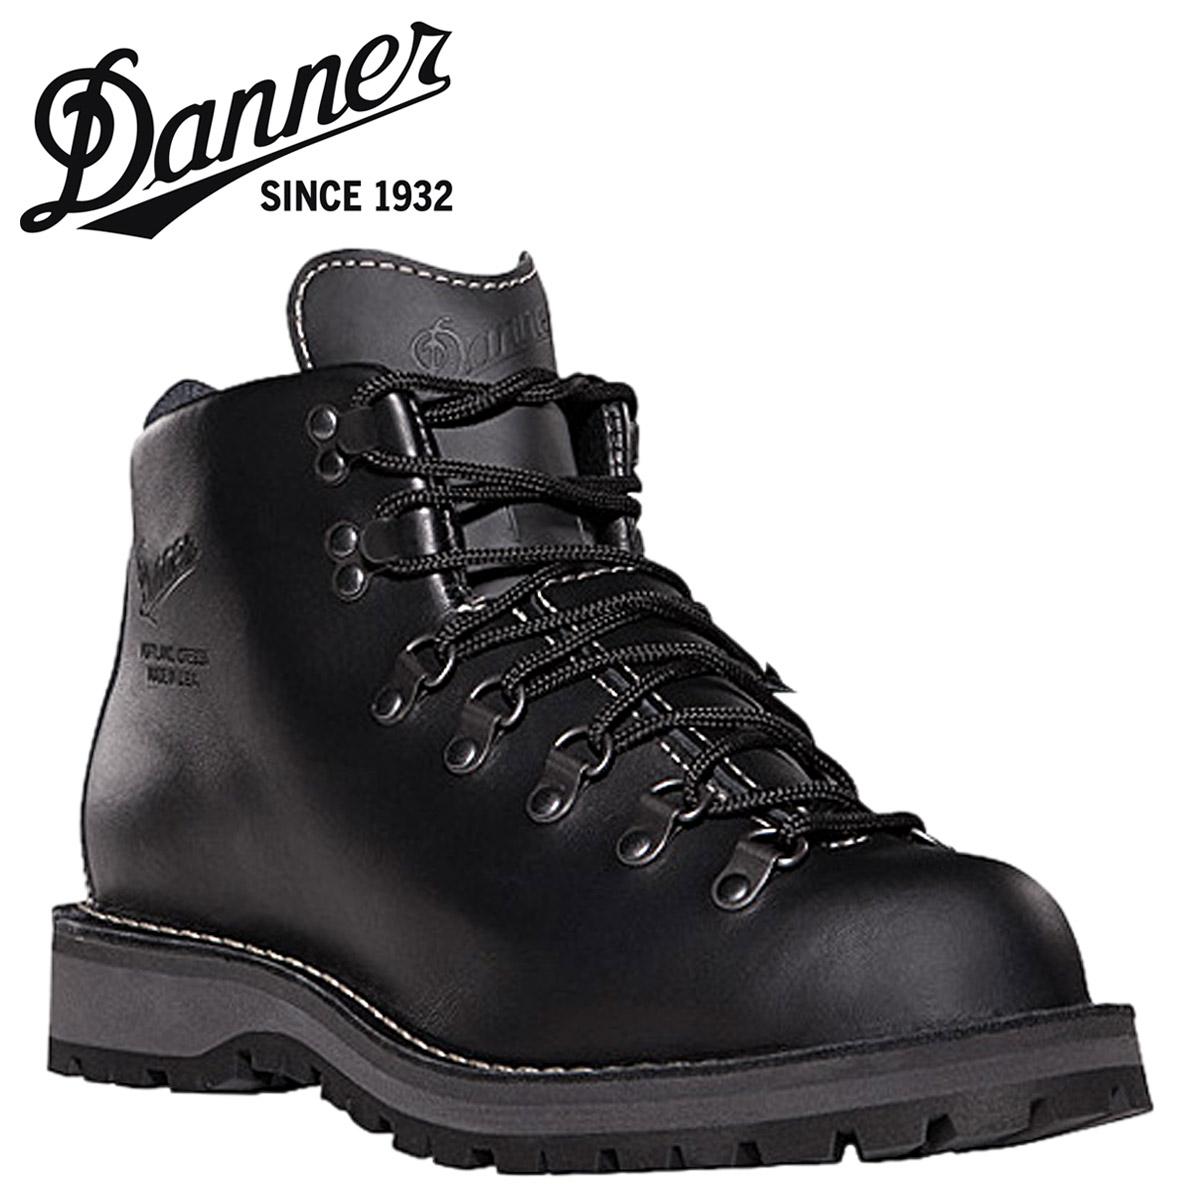 【最大2000円OFFクーポン】 ダナー Danner マウンテンライト ブーツ Danner2 30860 ブラック Mountain Light II Dワイズ EEワイズ レザー GORE-TEX メンズ [3/3 再入荷]